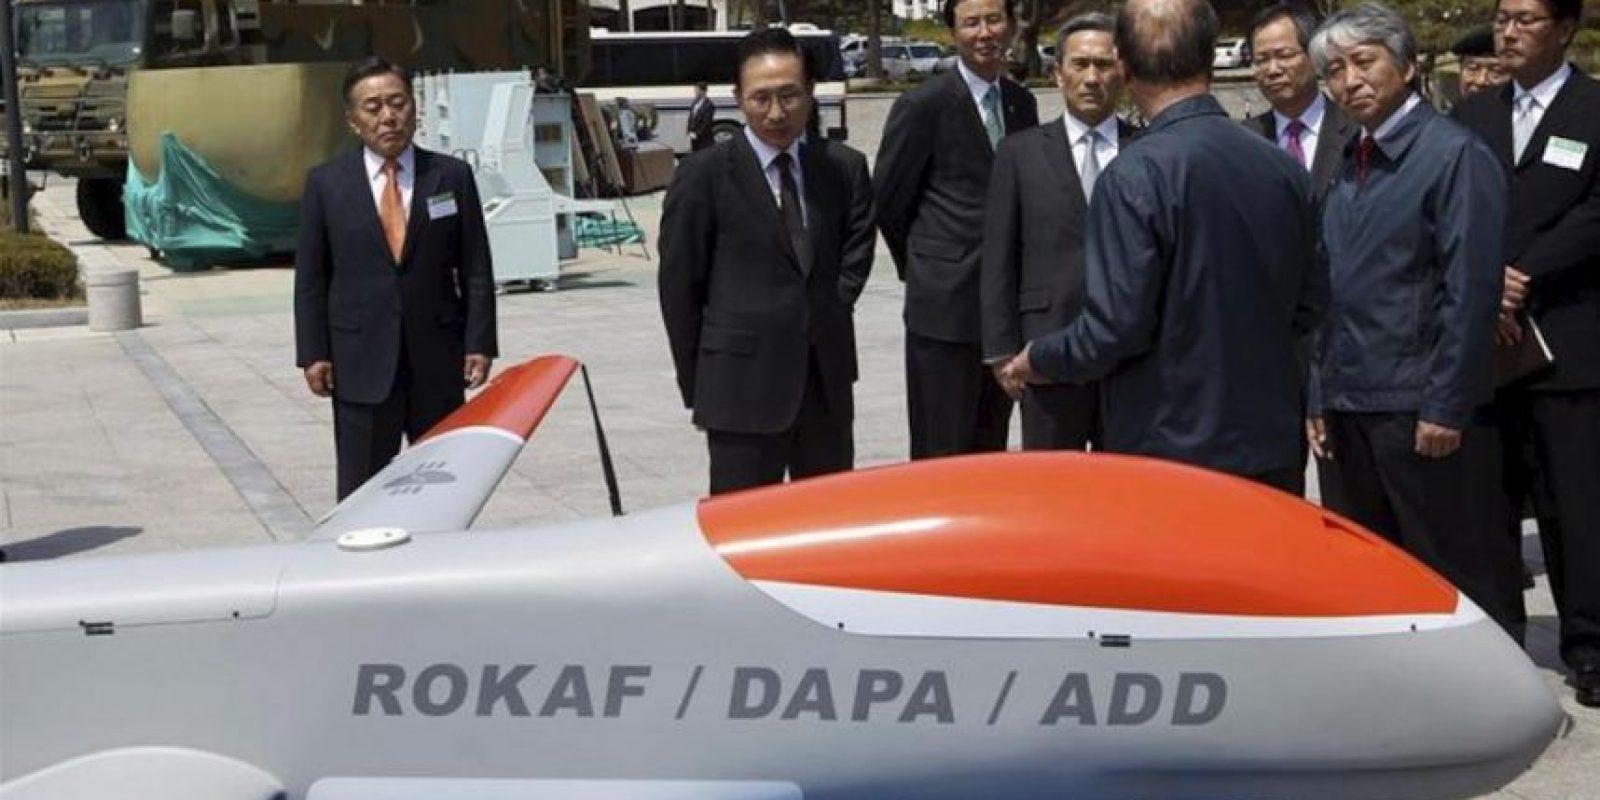 El presidente surcoreano, Lee Myung-bak (2i), observa piezas de armamento y control de seguridad de última generación durante su visita a la Agencia de Desarrollo en materia de Defensa en Daejeon, 164 kilómetros al sur de Seúl, Corea del Sur, hoy, jueves 19 de abril de 2012. EFE